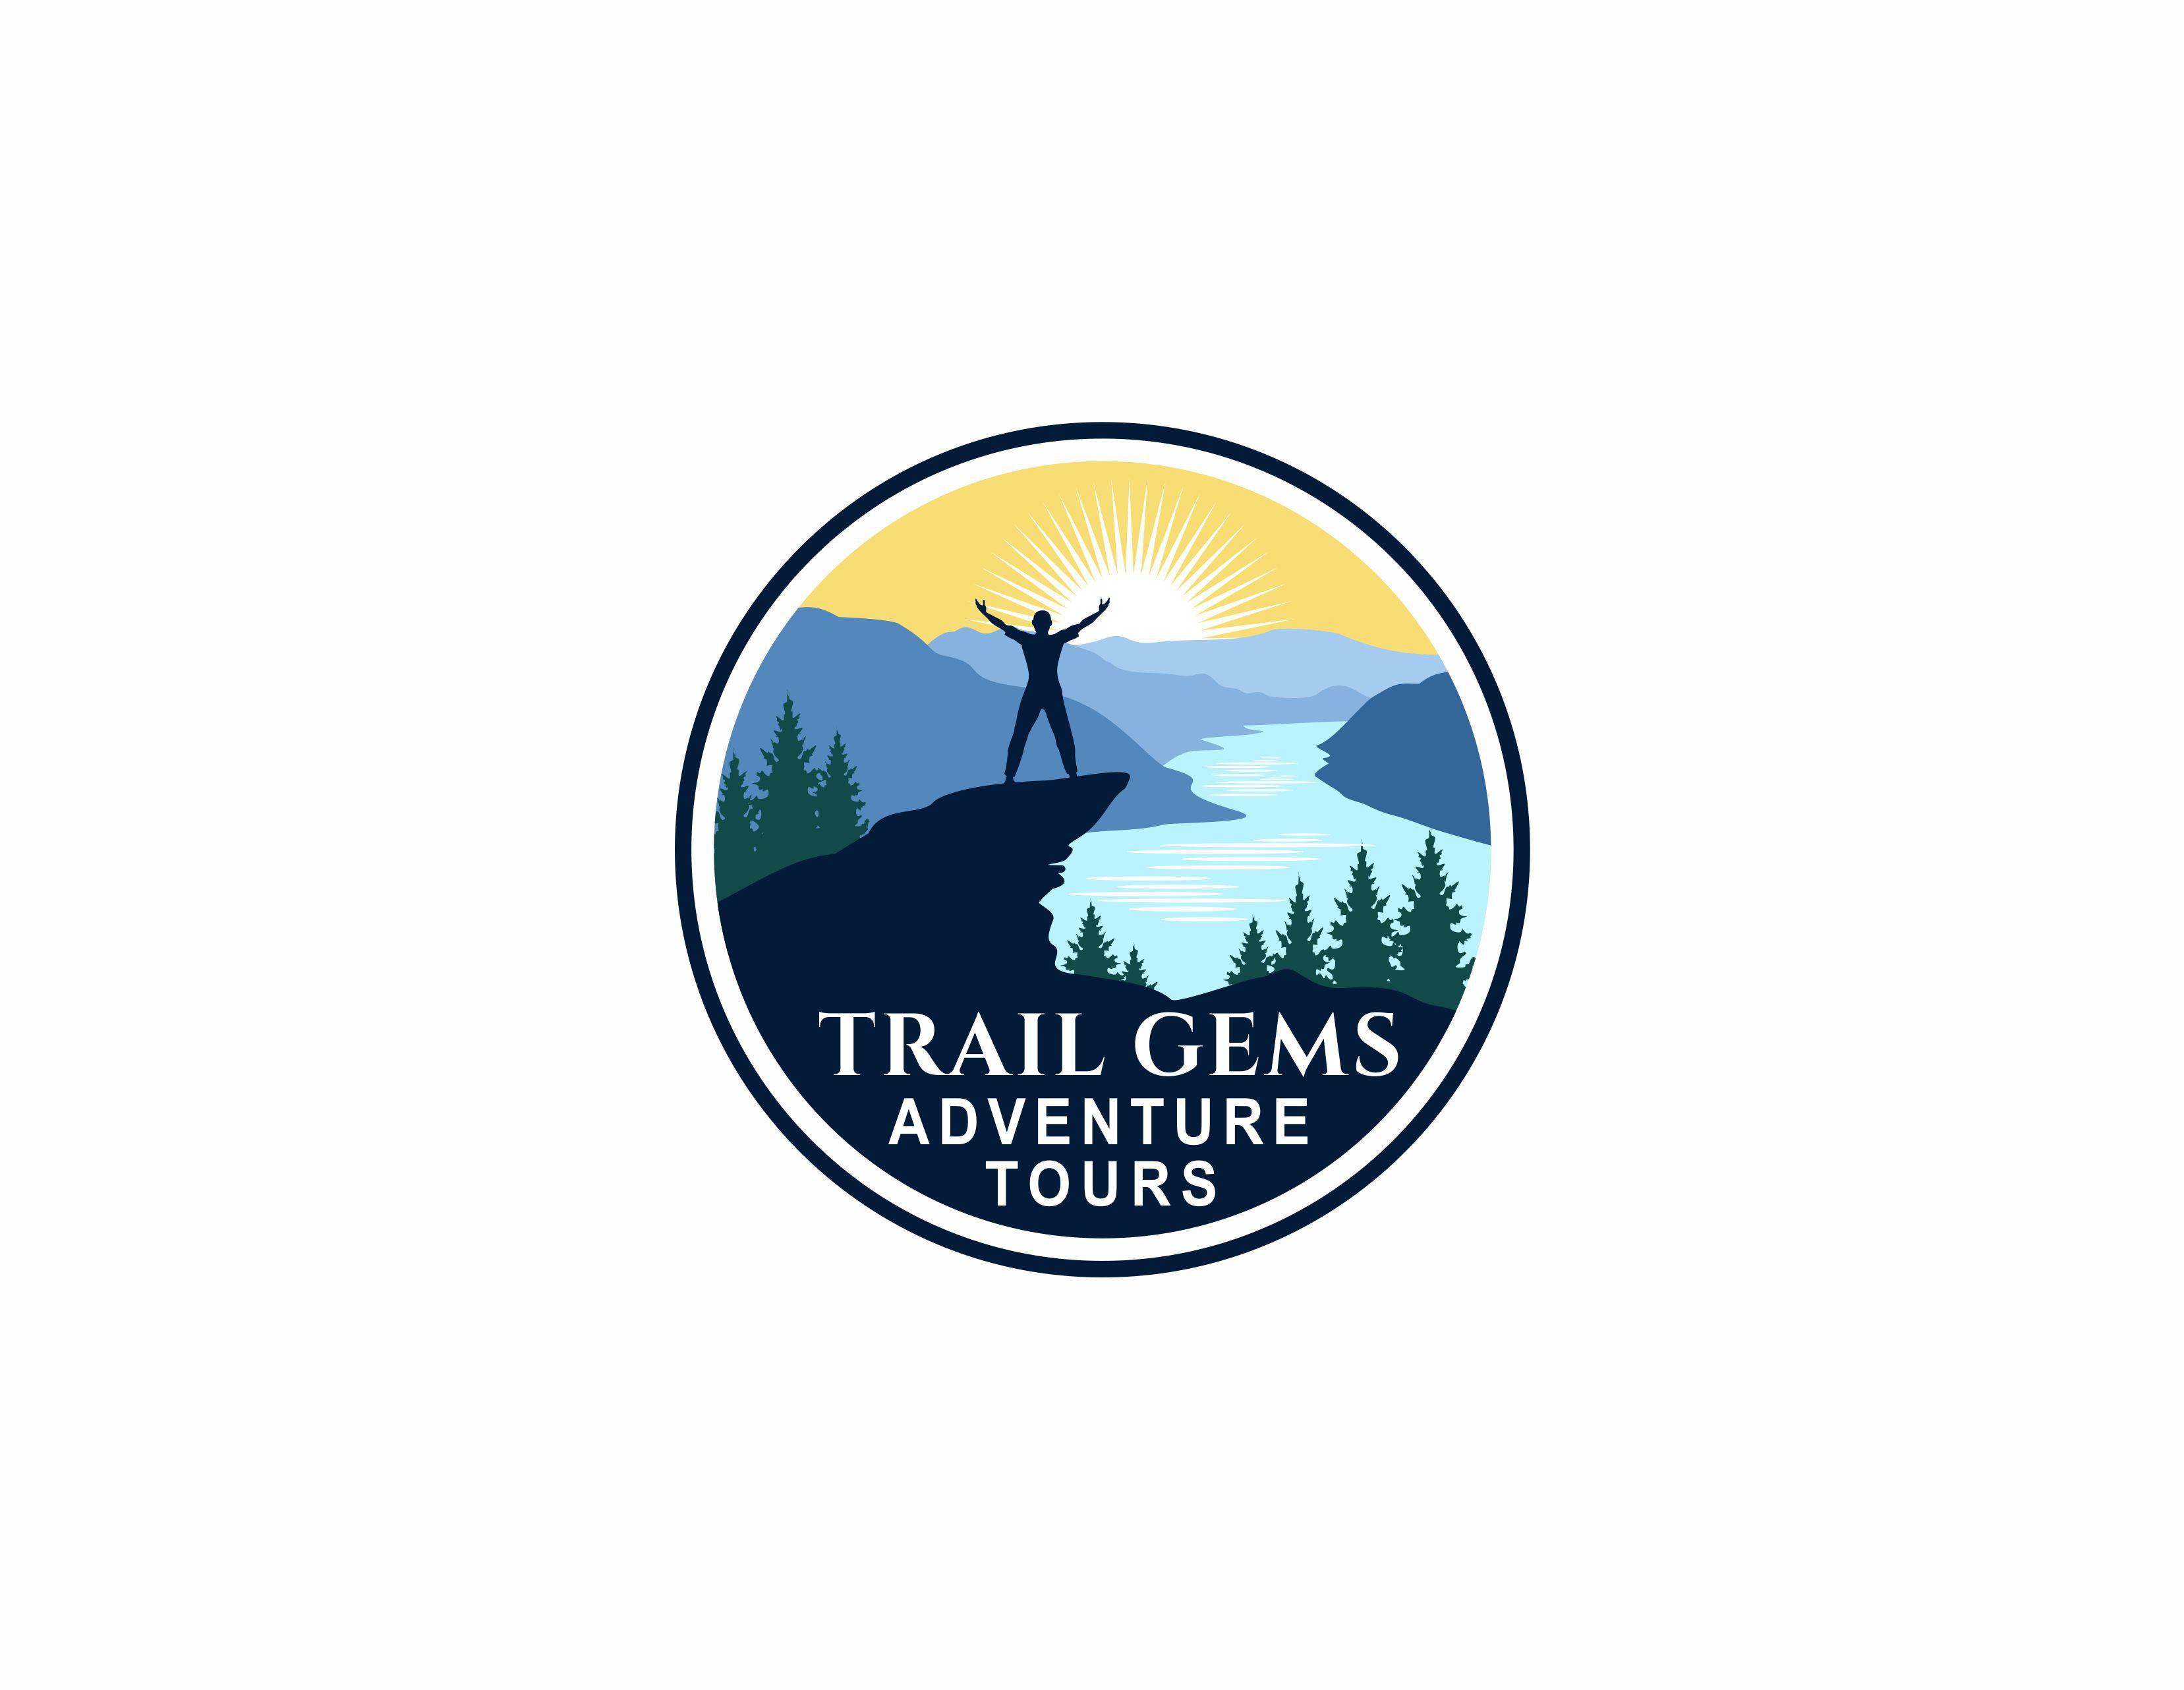 Adventure hiking company needs a logo!